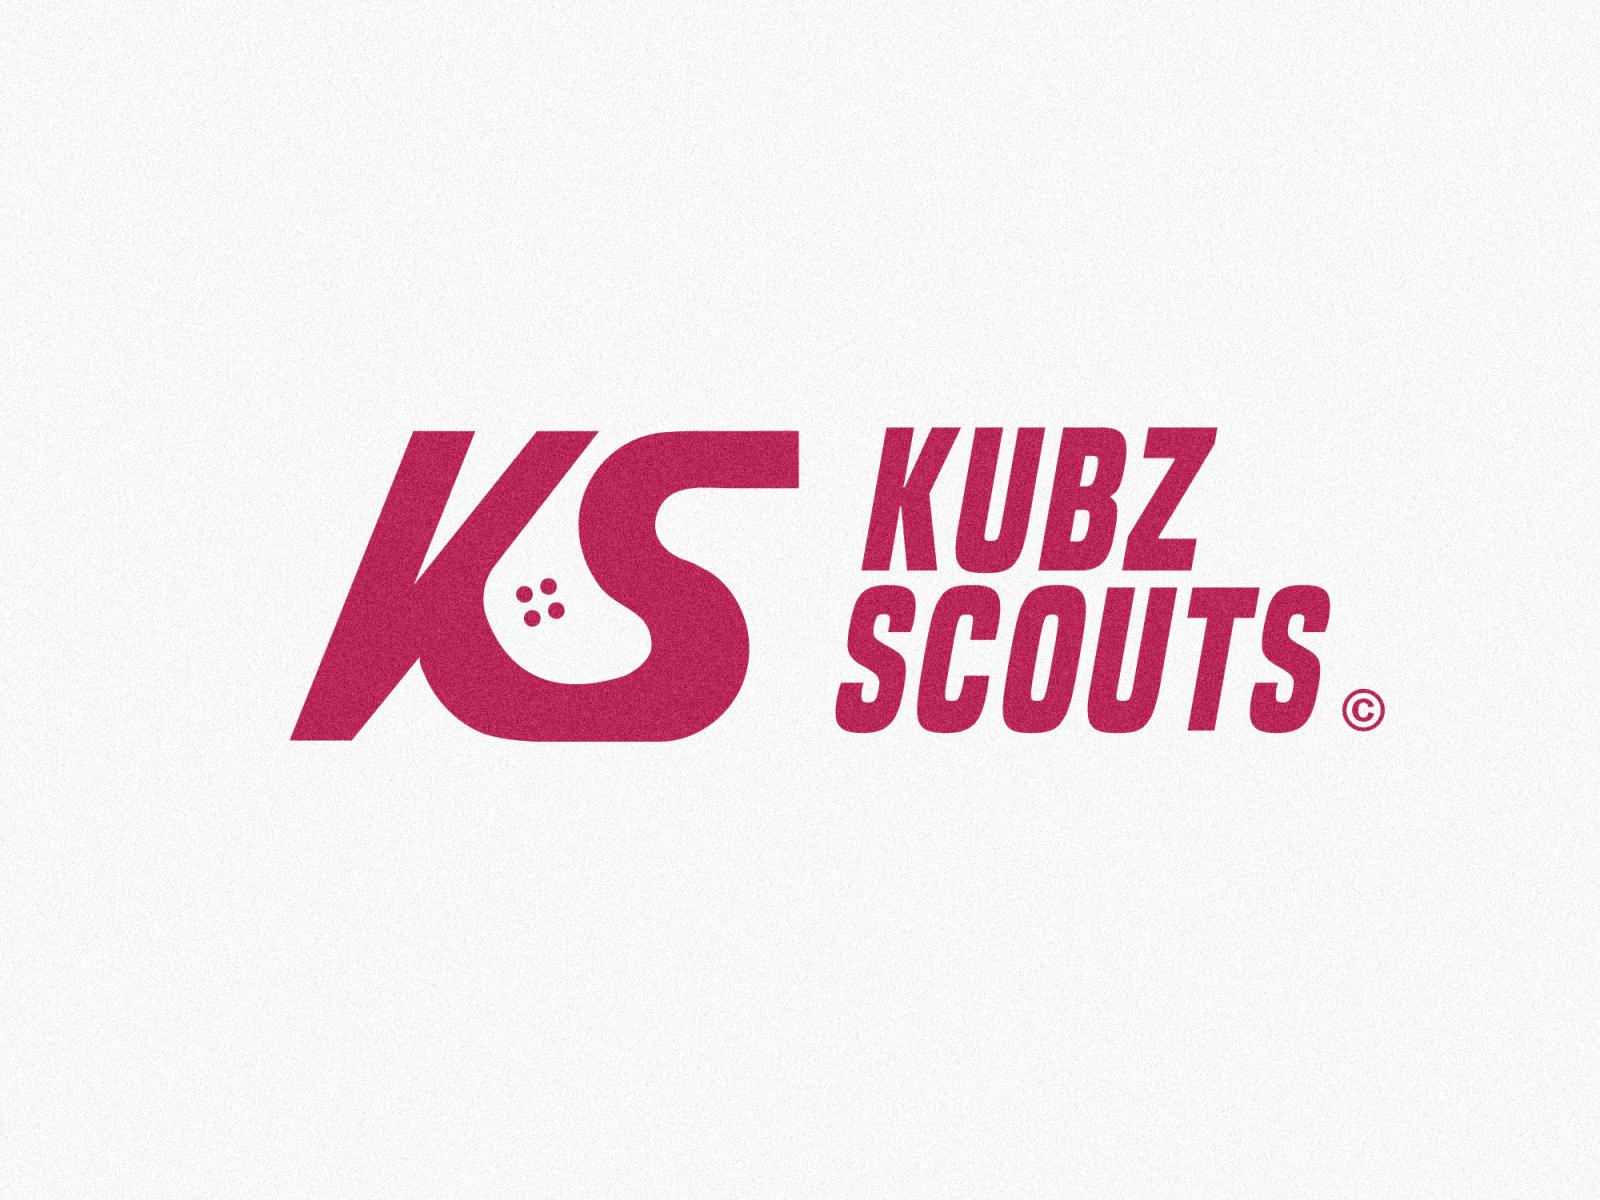 Ks Controller Logo Design By Cashdesign On Dribbble